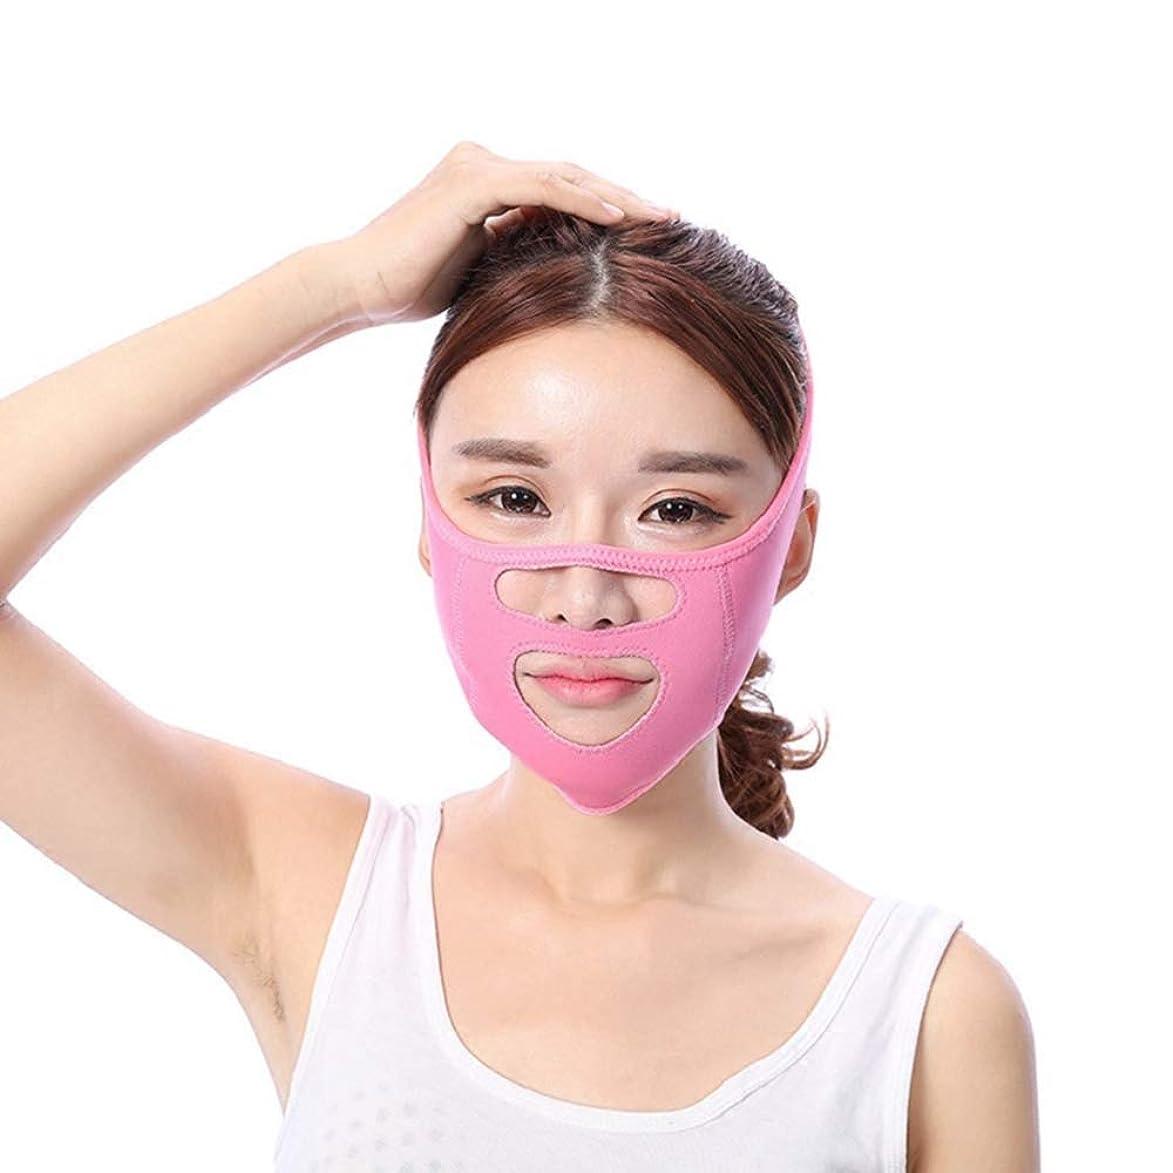 計算するアグネスグレイ弱点フェイスリフトベルトフェイスバンデージ美容機器リフティングファインディングダブルチン法令Vマスク睡眠マスク通気性 美しさ